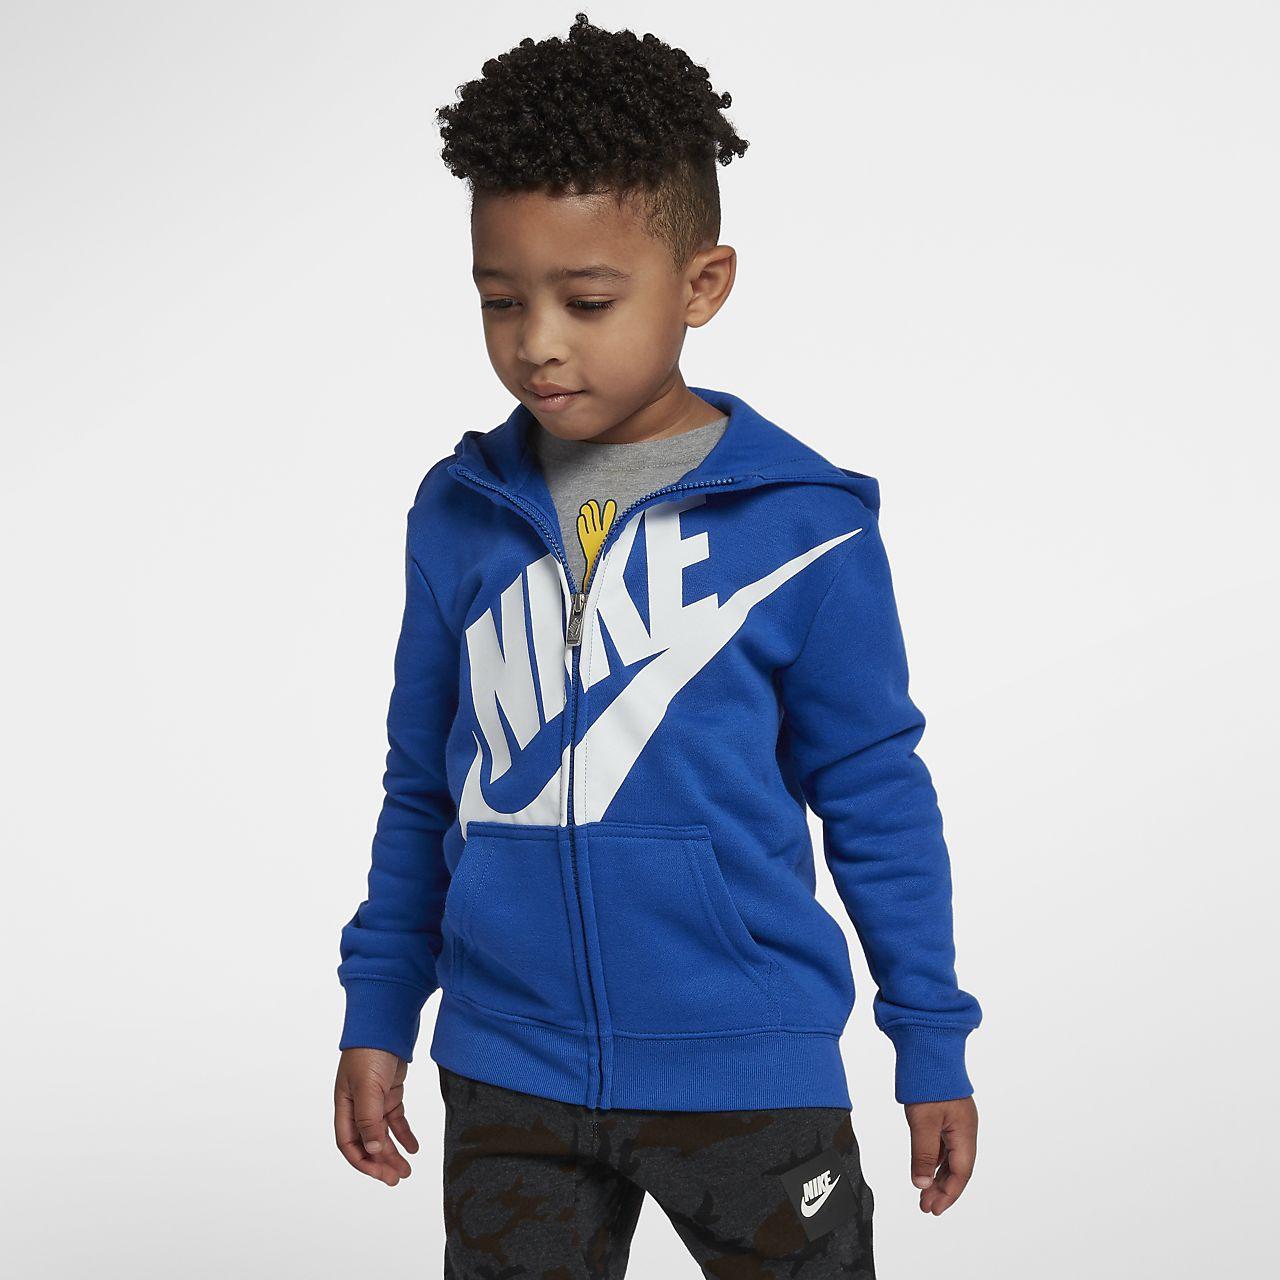 Nike Younger Kids' Fleece Hoodie